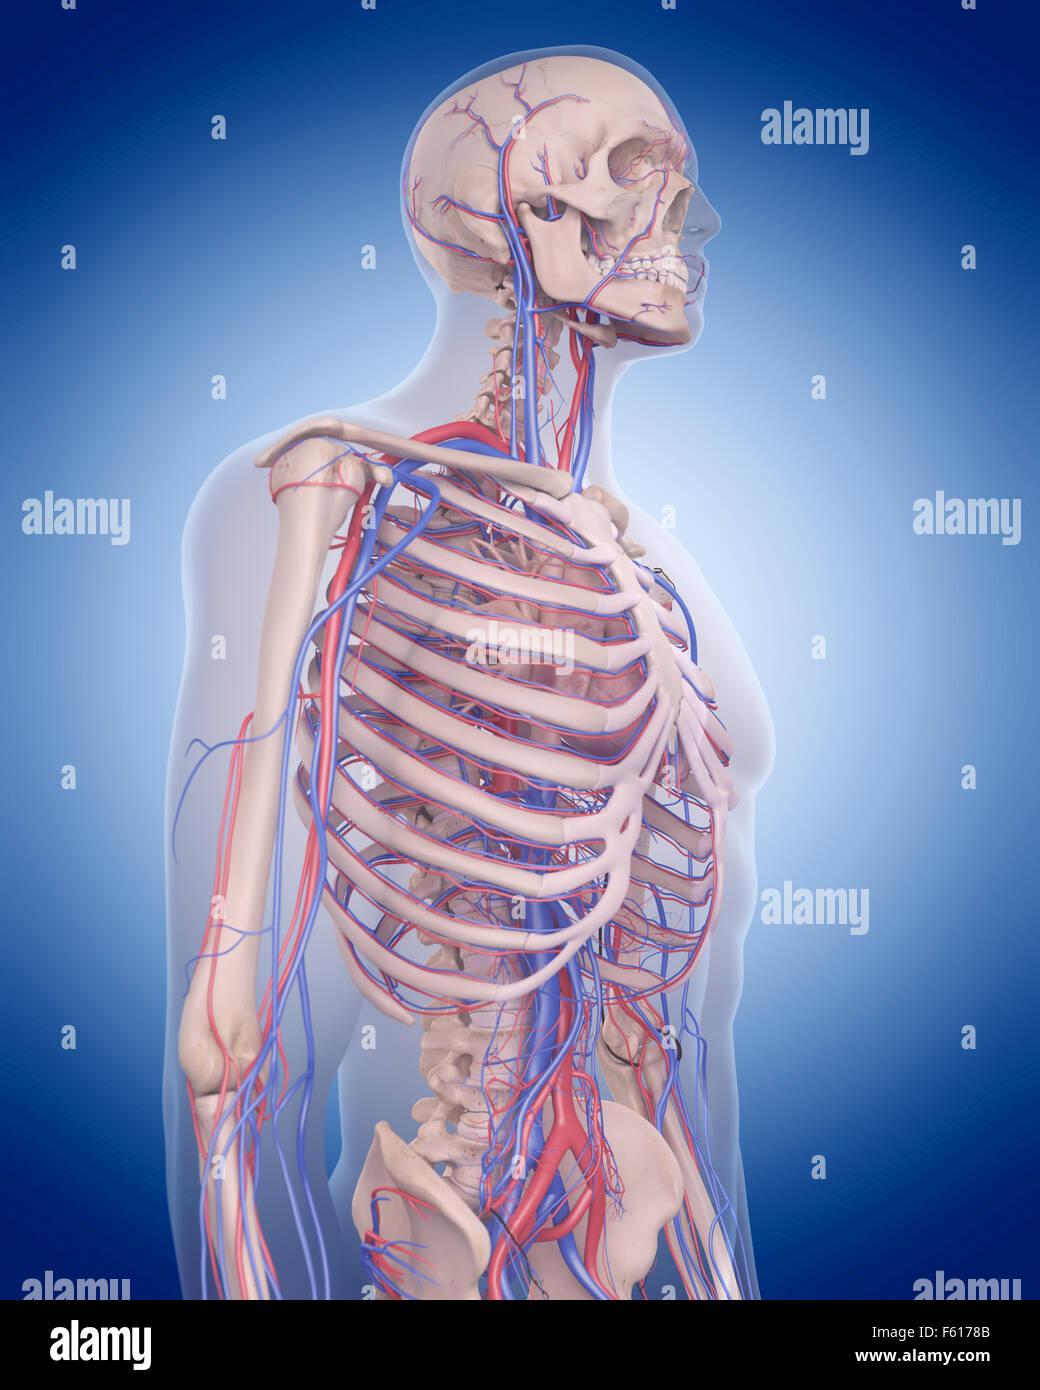 Erfreut Organe Des Kreislaufsystems Bilder - Menschliche Anatomie ...